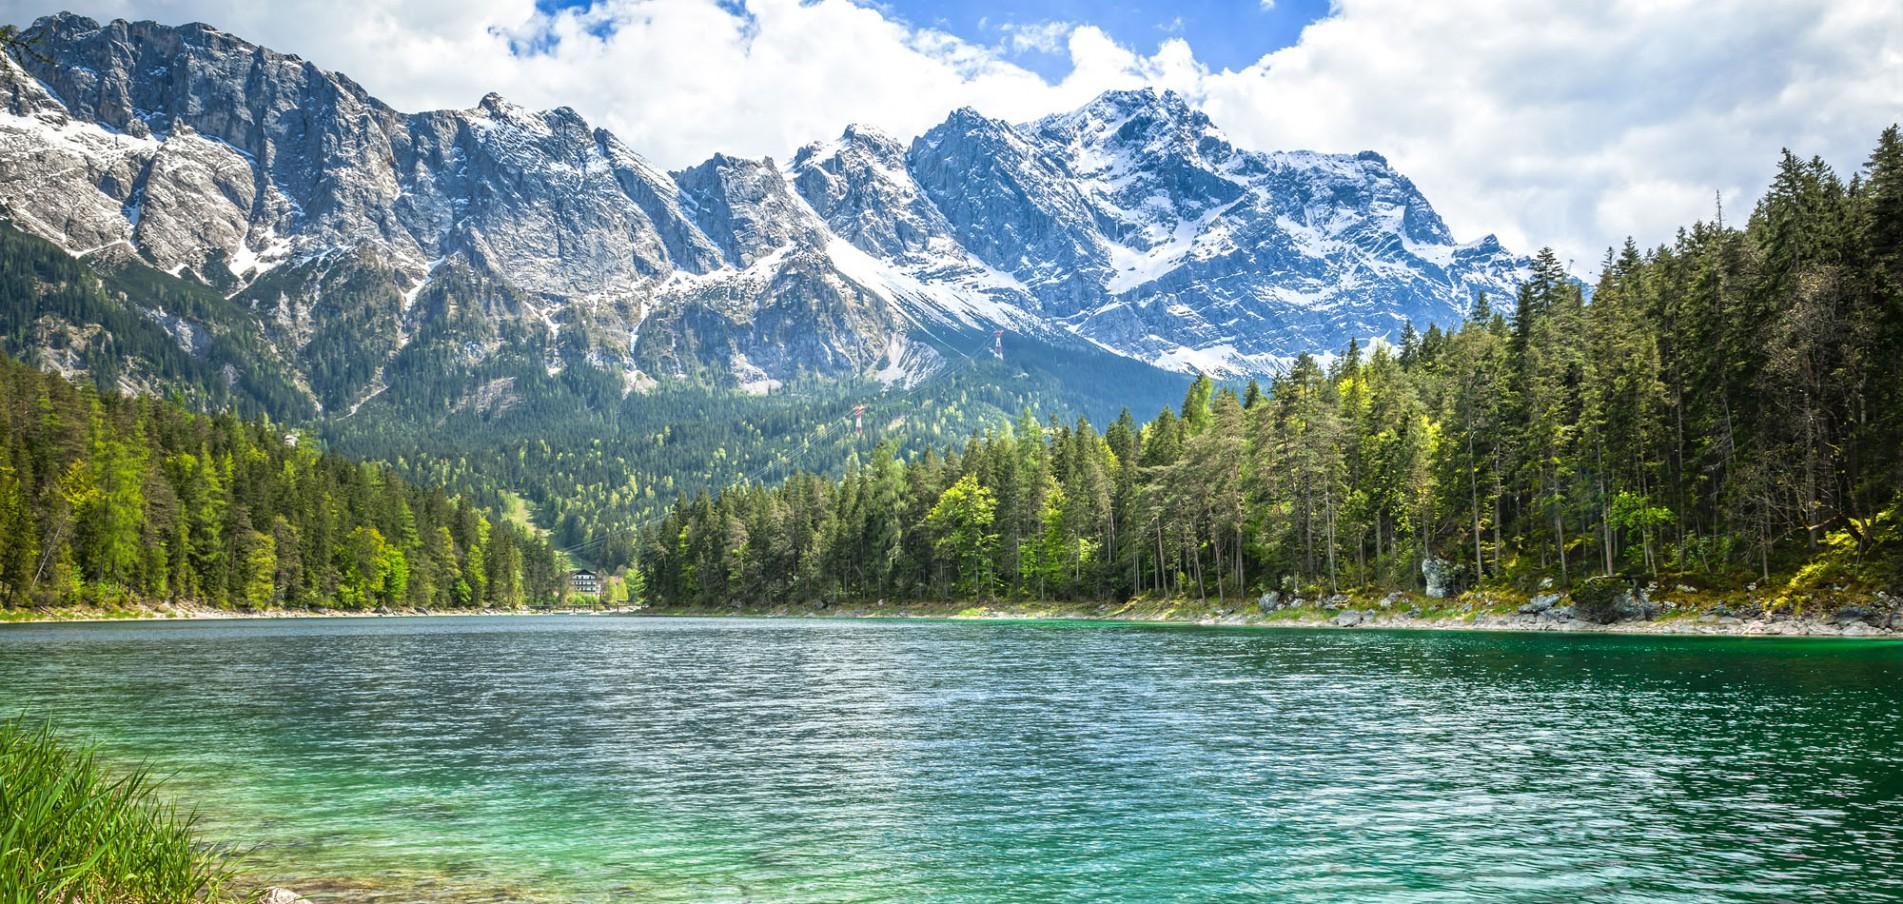 WILLKOMMEN IN GARMISCH ...der Blick Richtung Berge, der Fokus auf Erfolg!